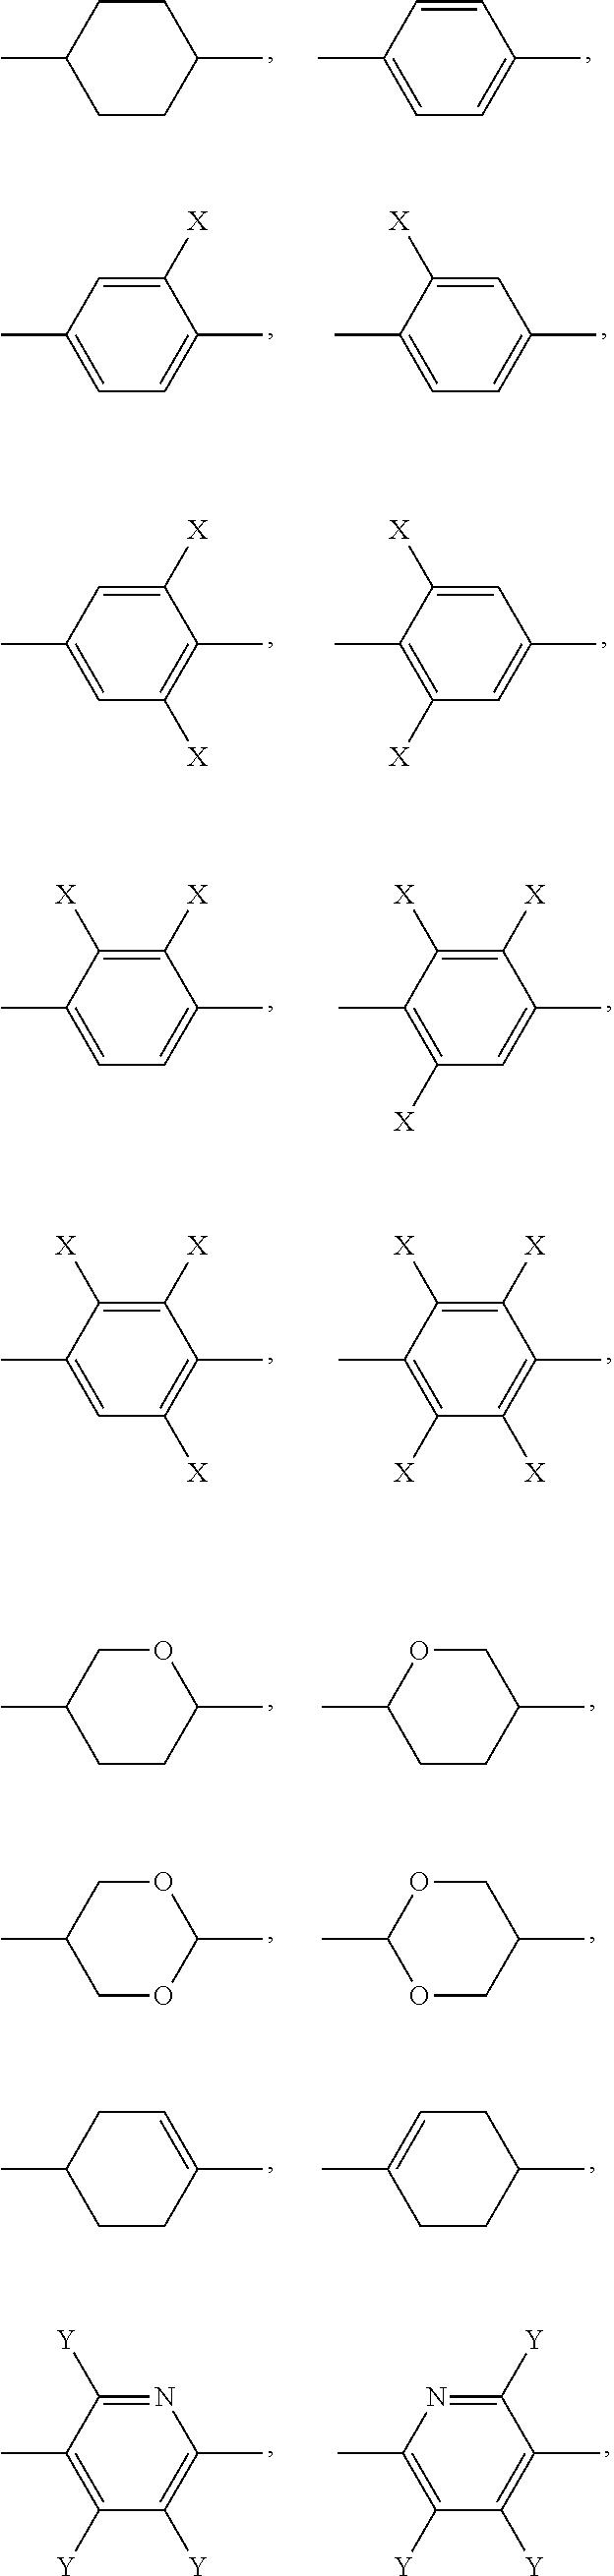 Figure US20130208227A1-20130815-C00010